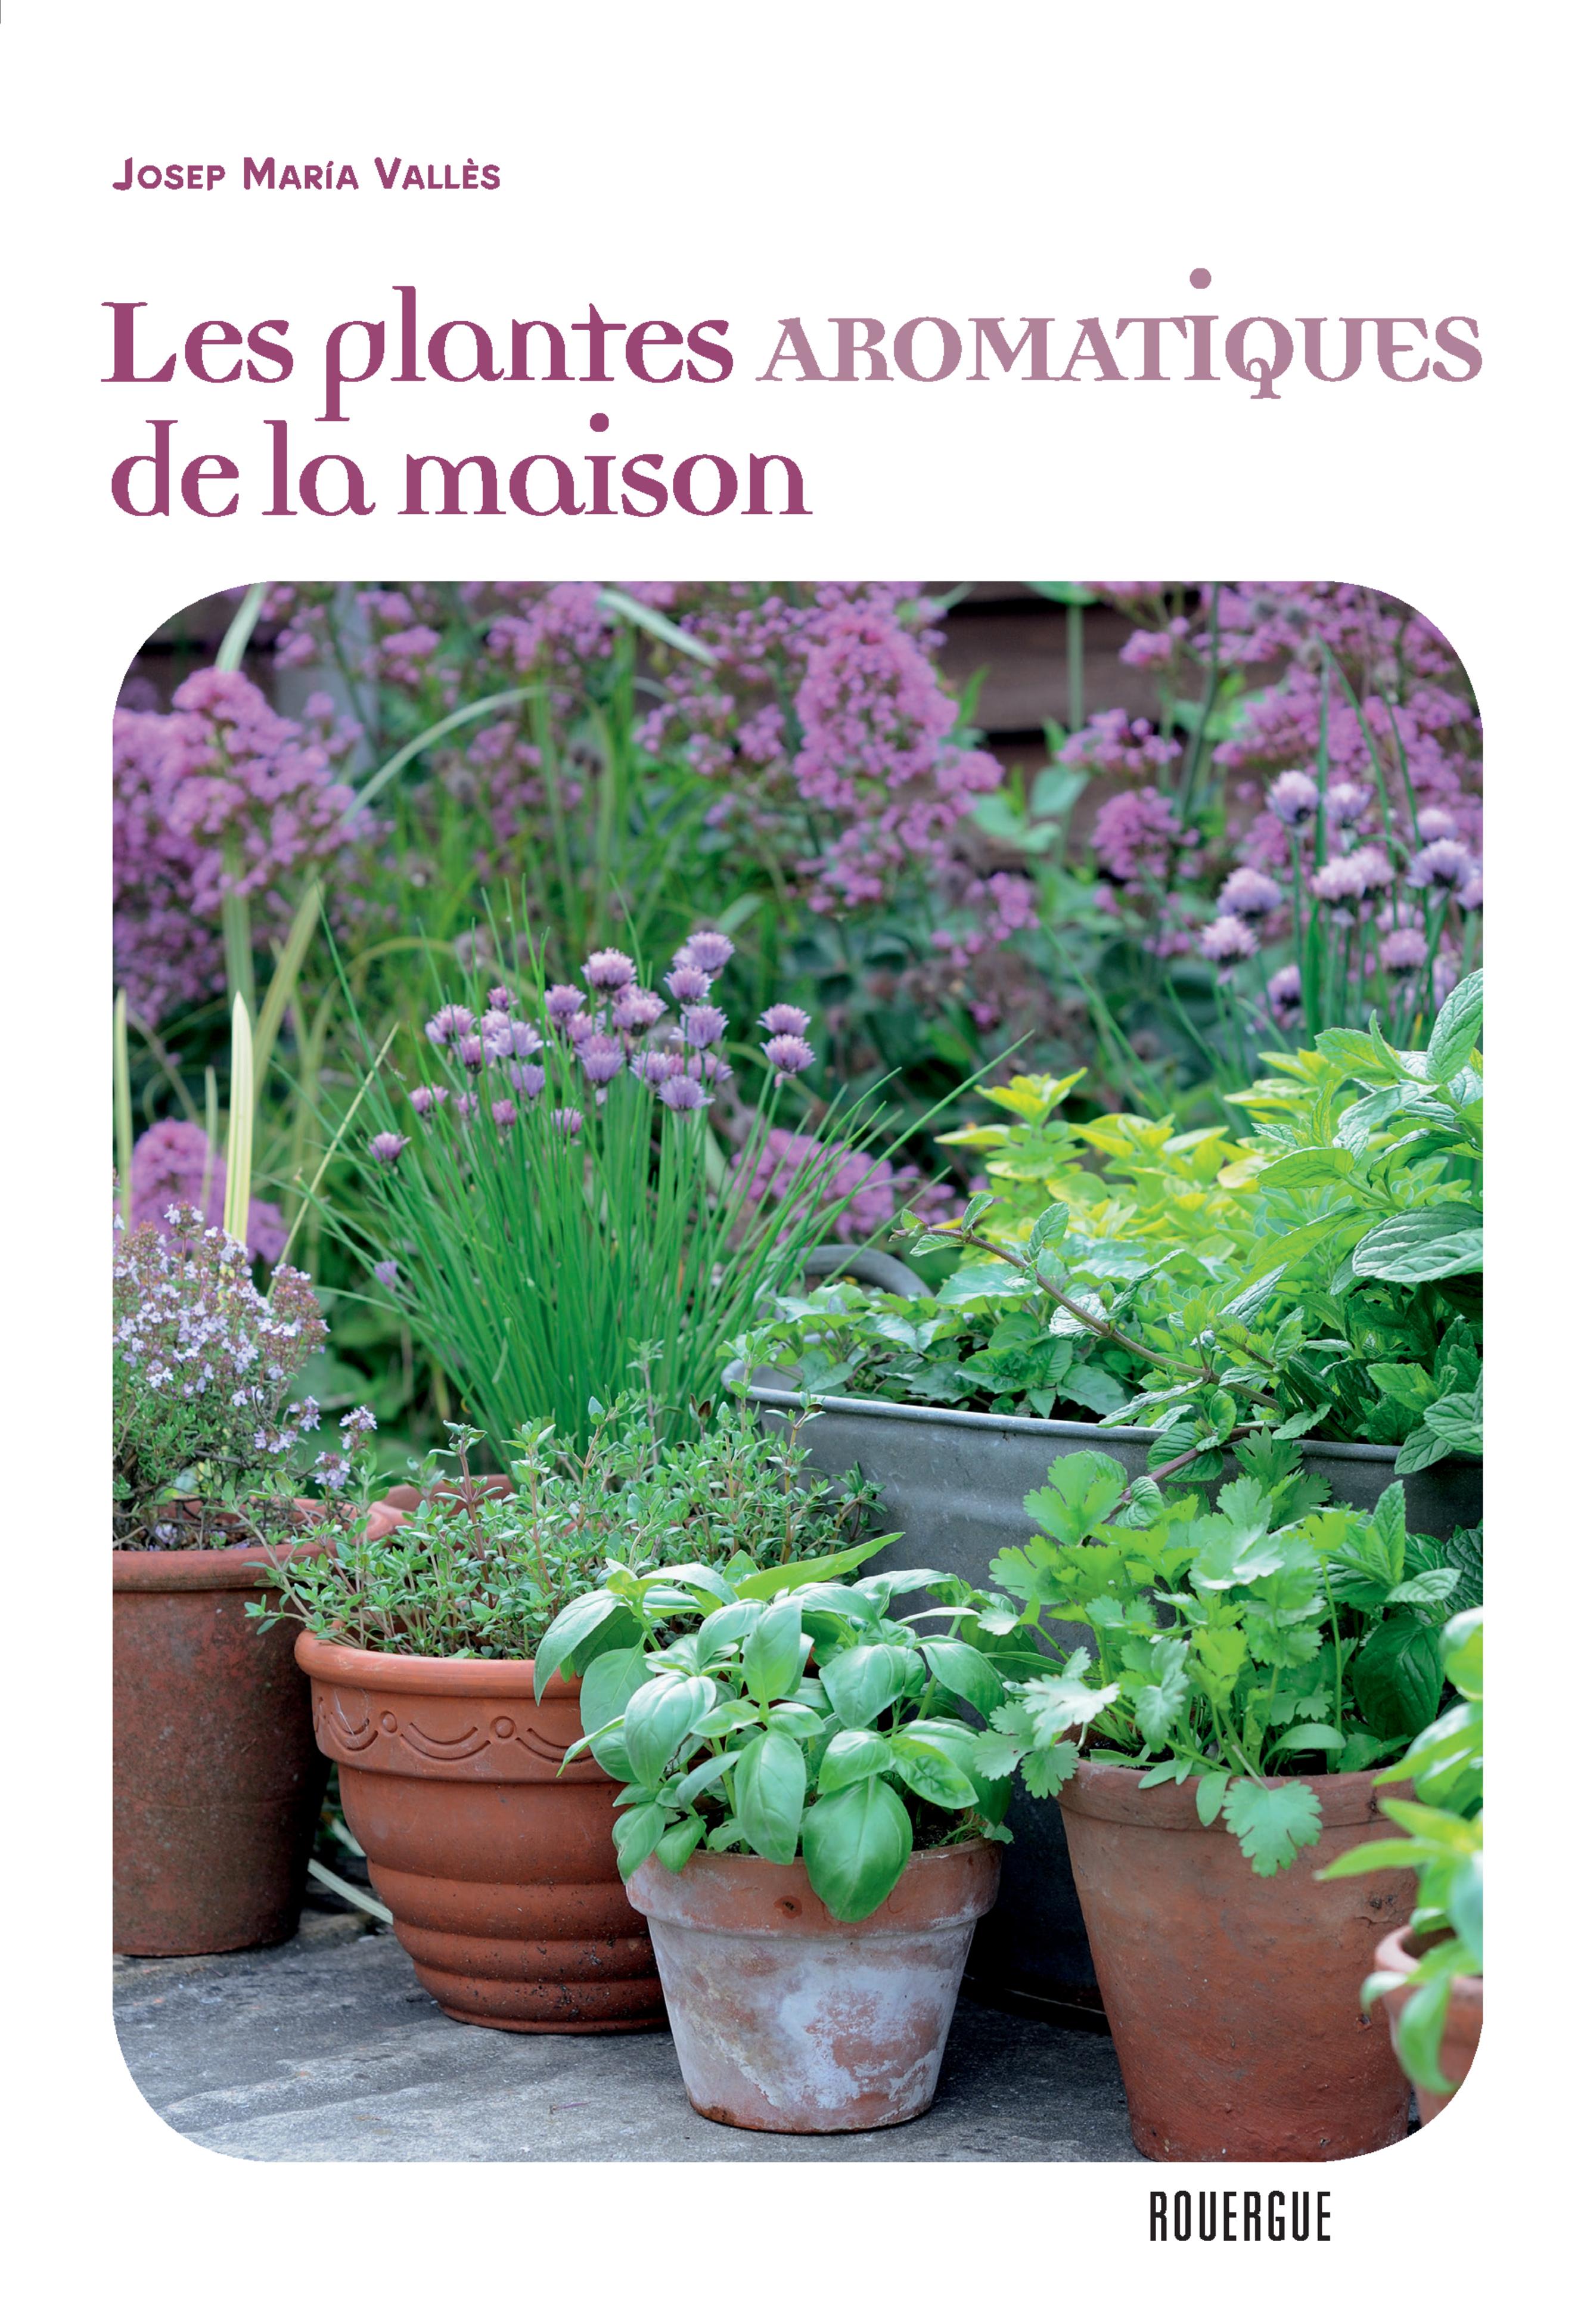 Les plantes aromatiques de la maison